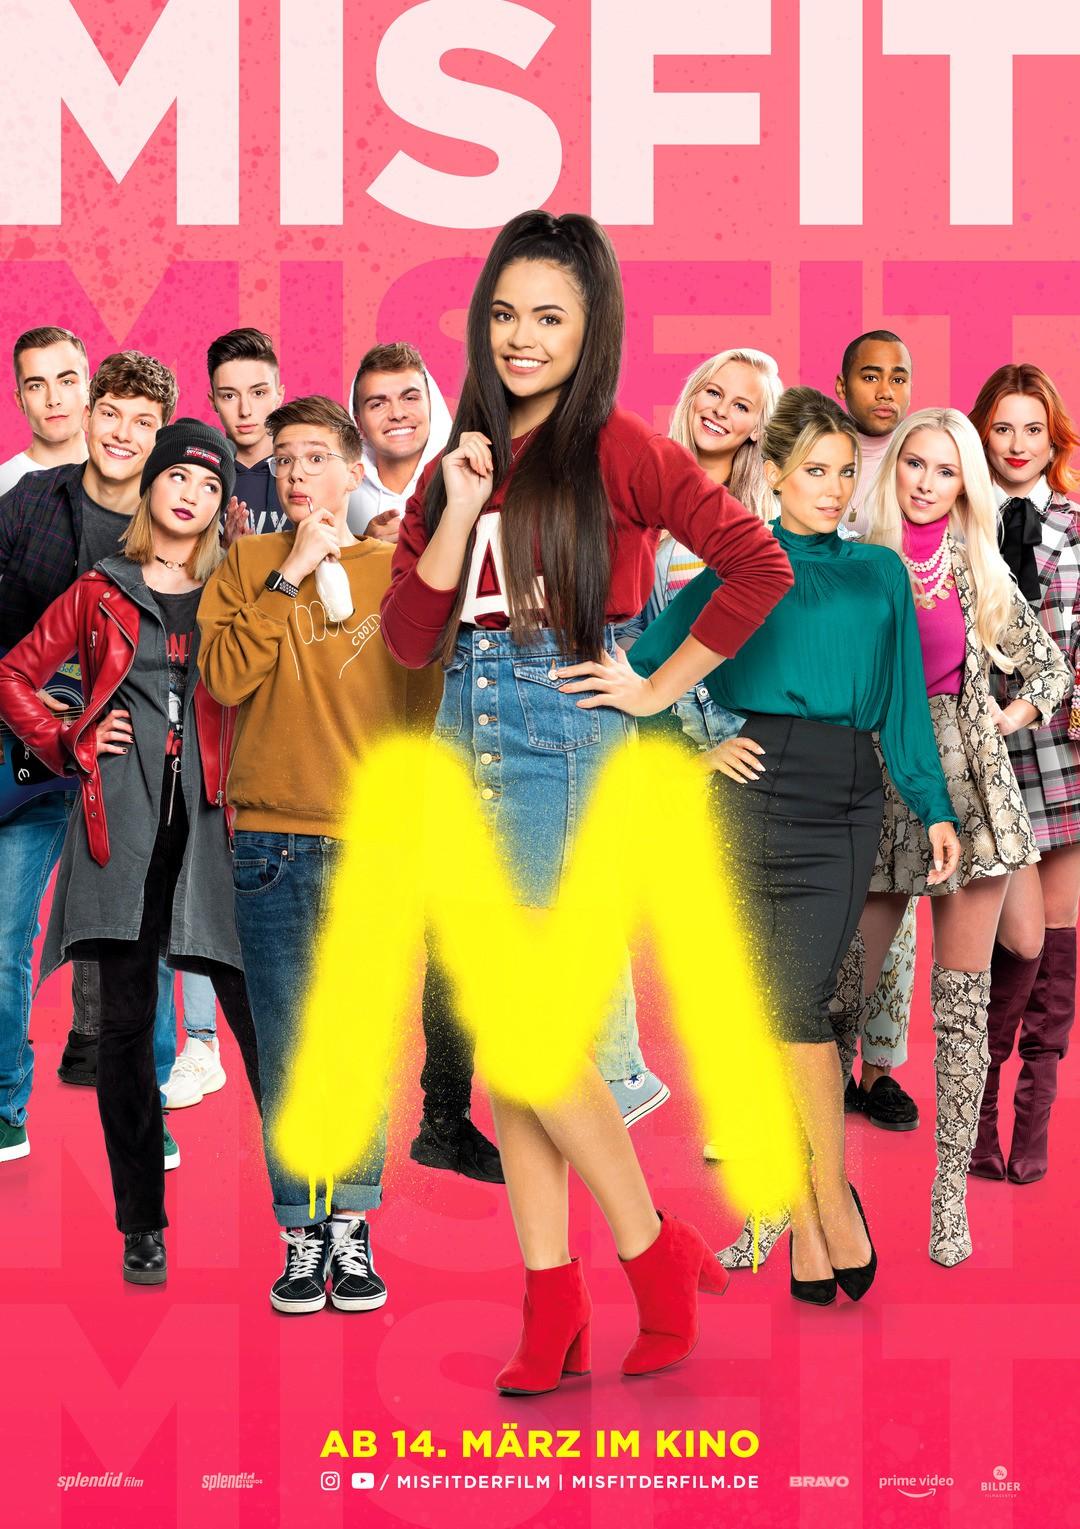 Misfit Trailer - Bild 1 von 17